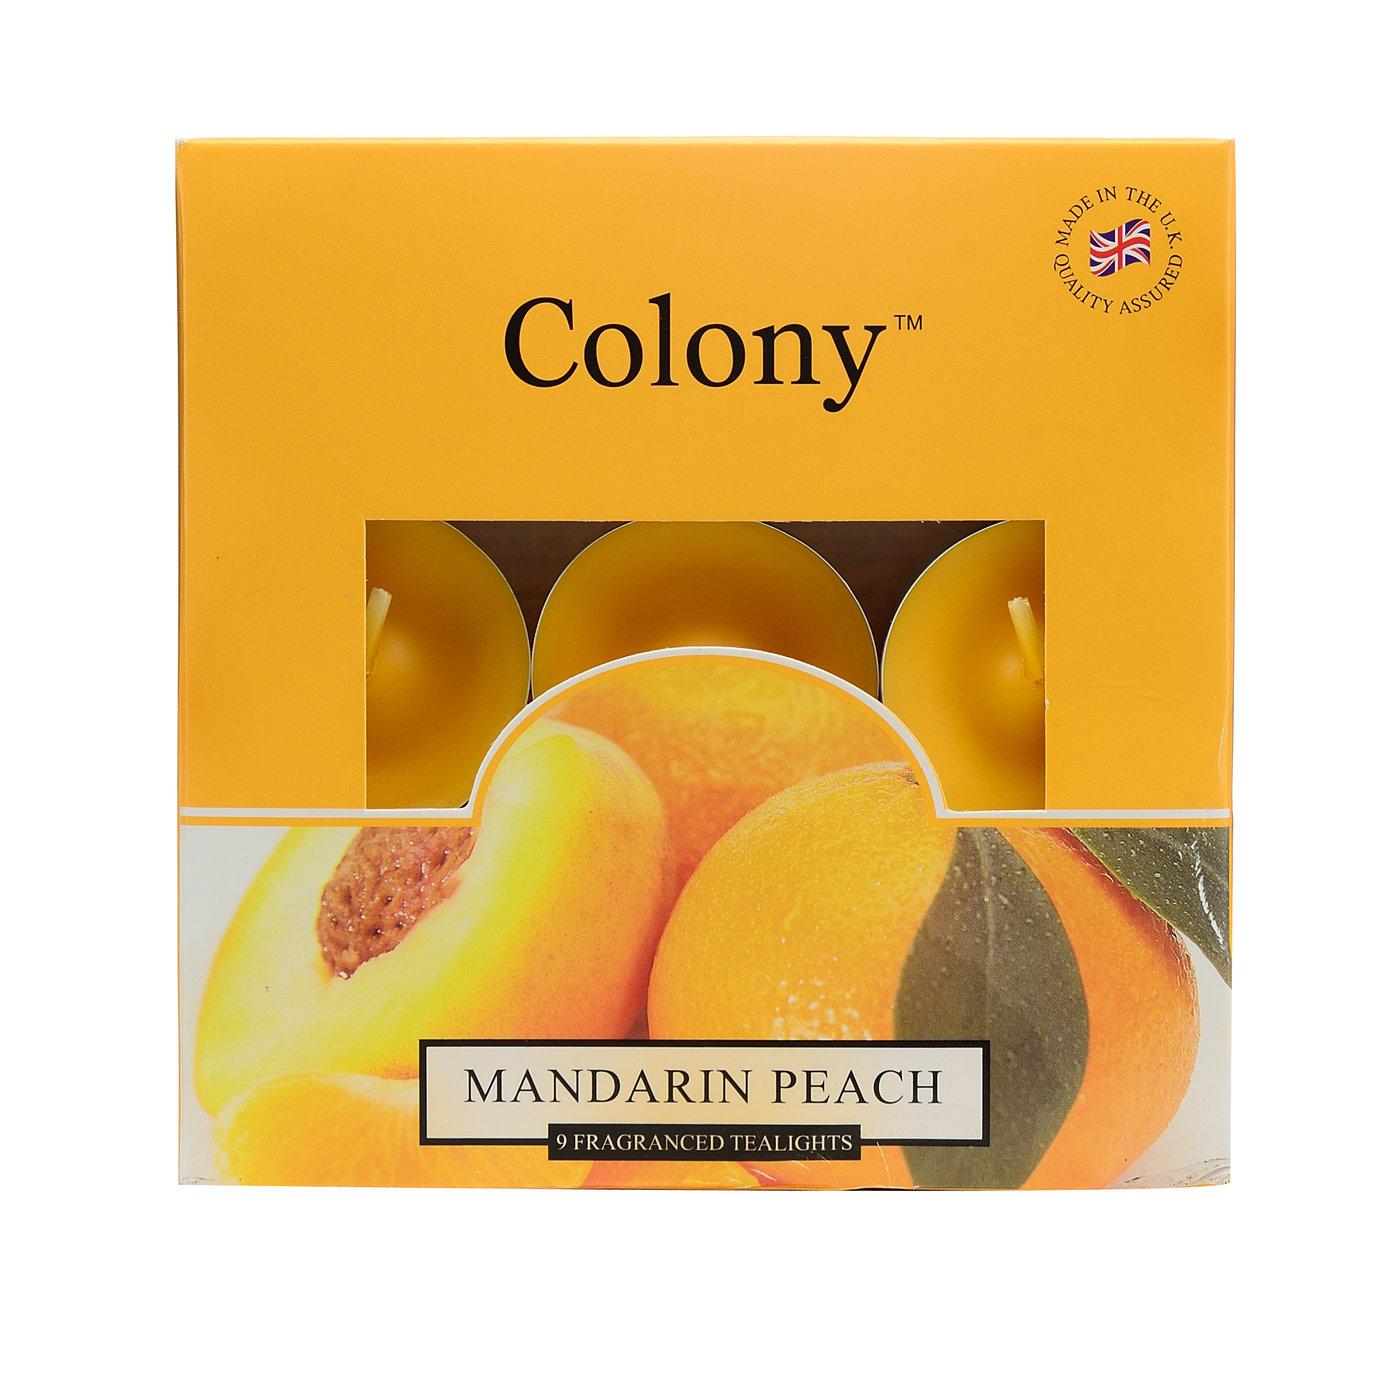 Mandarin Peach